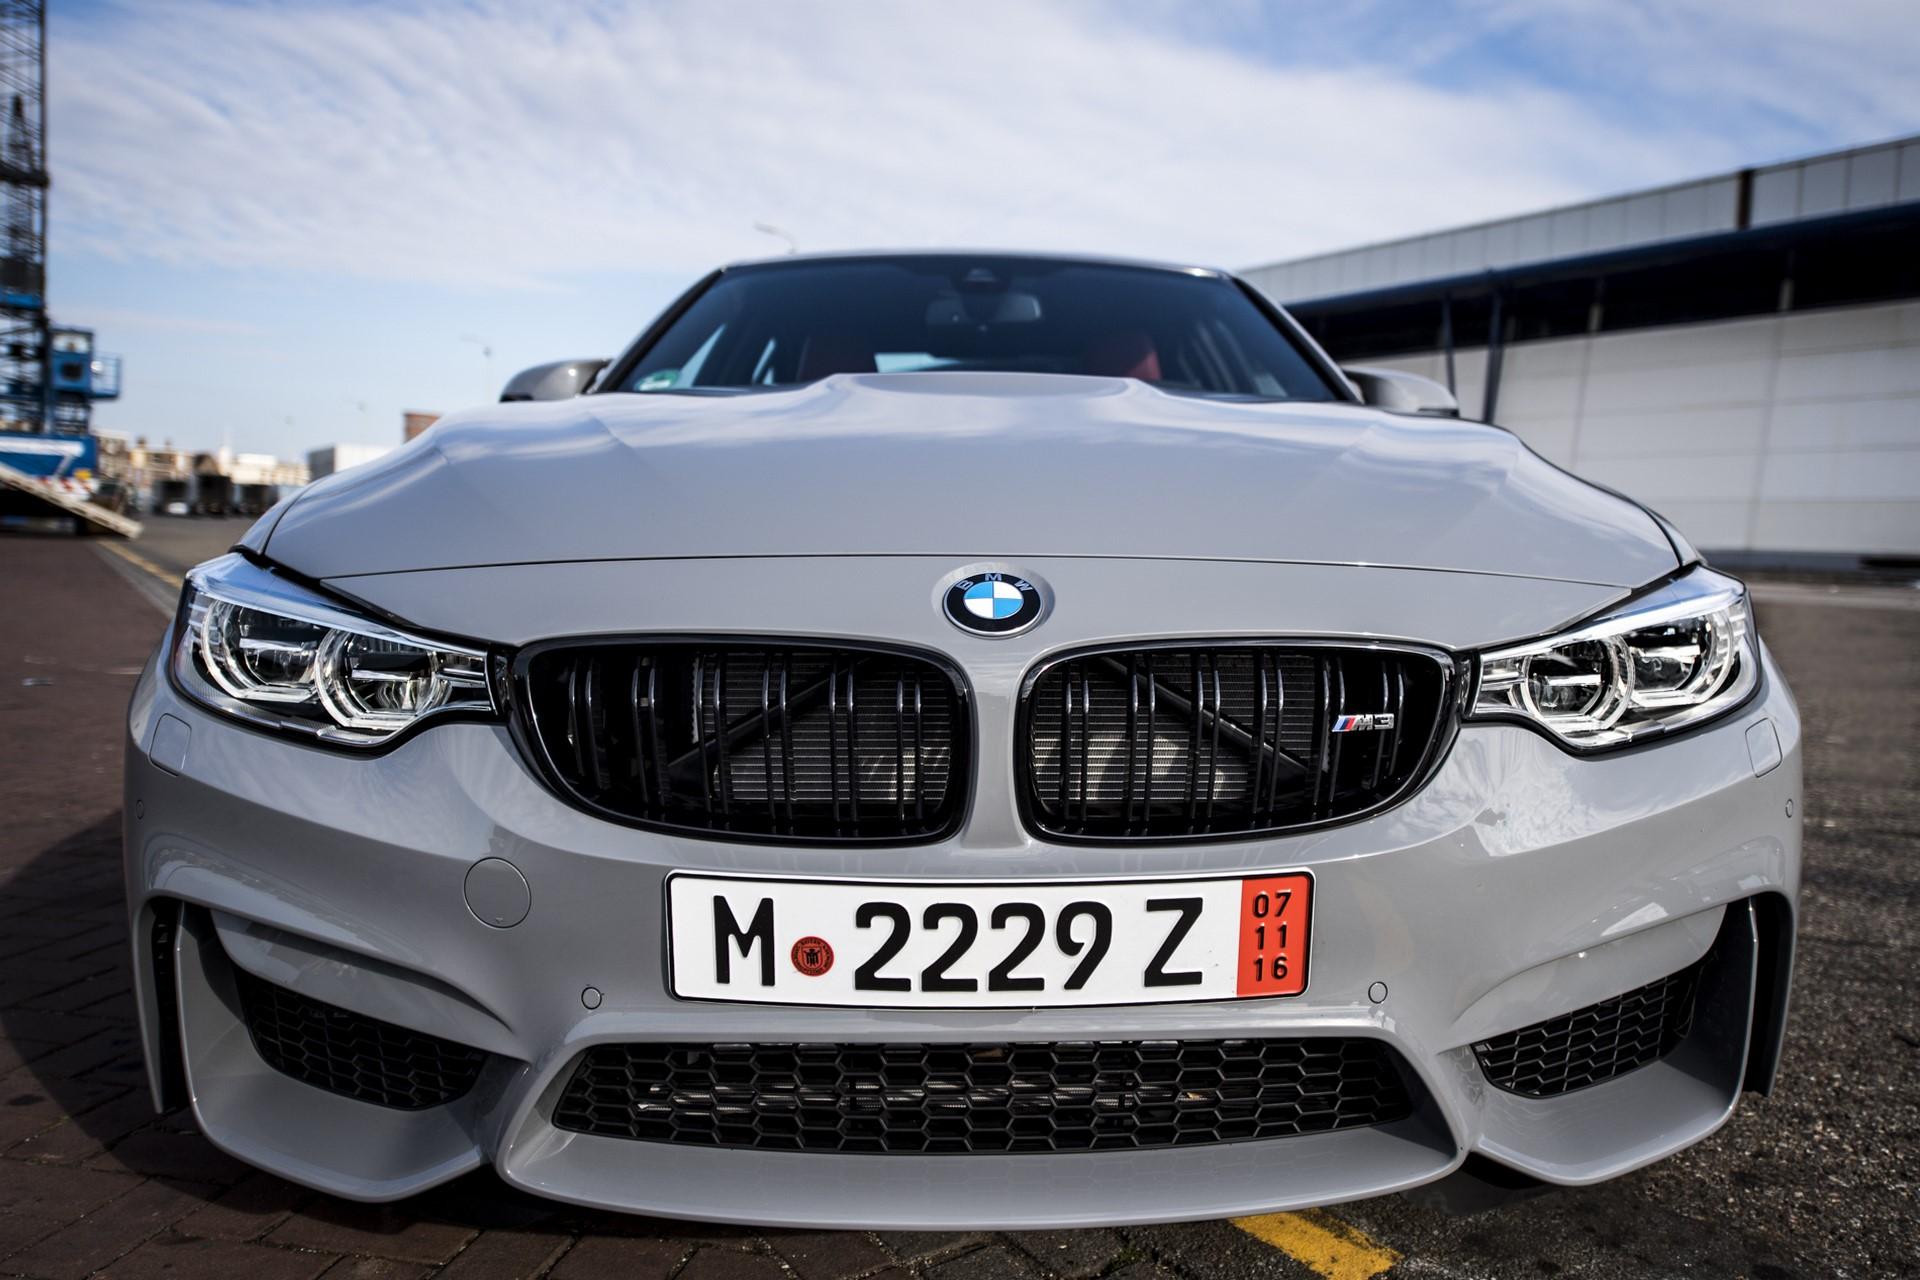 BMW M3 in Nardo Grey color (16)